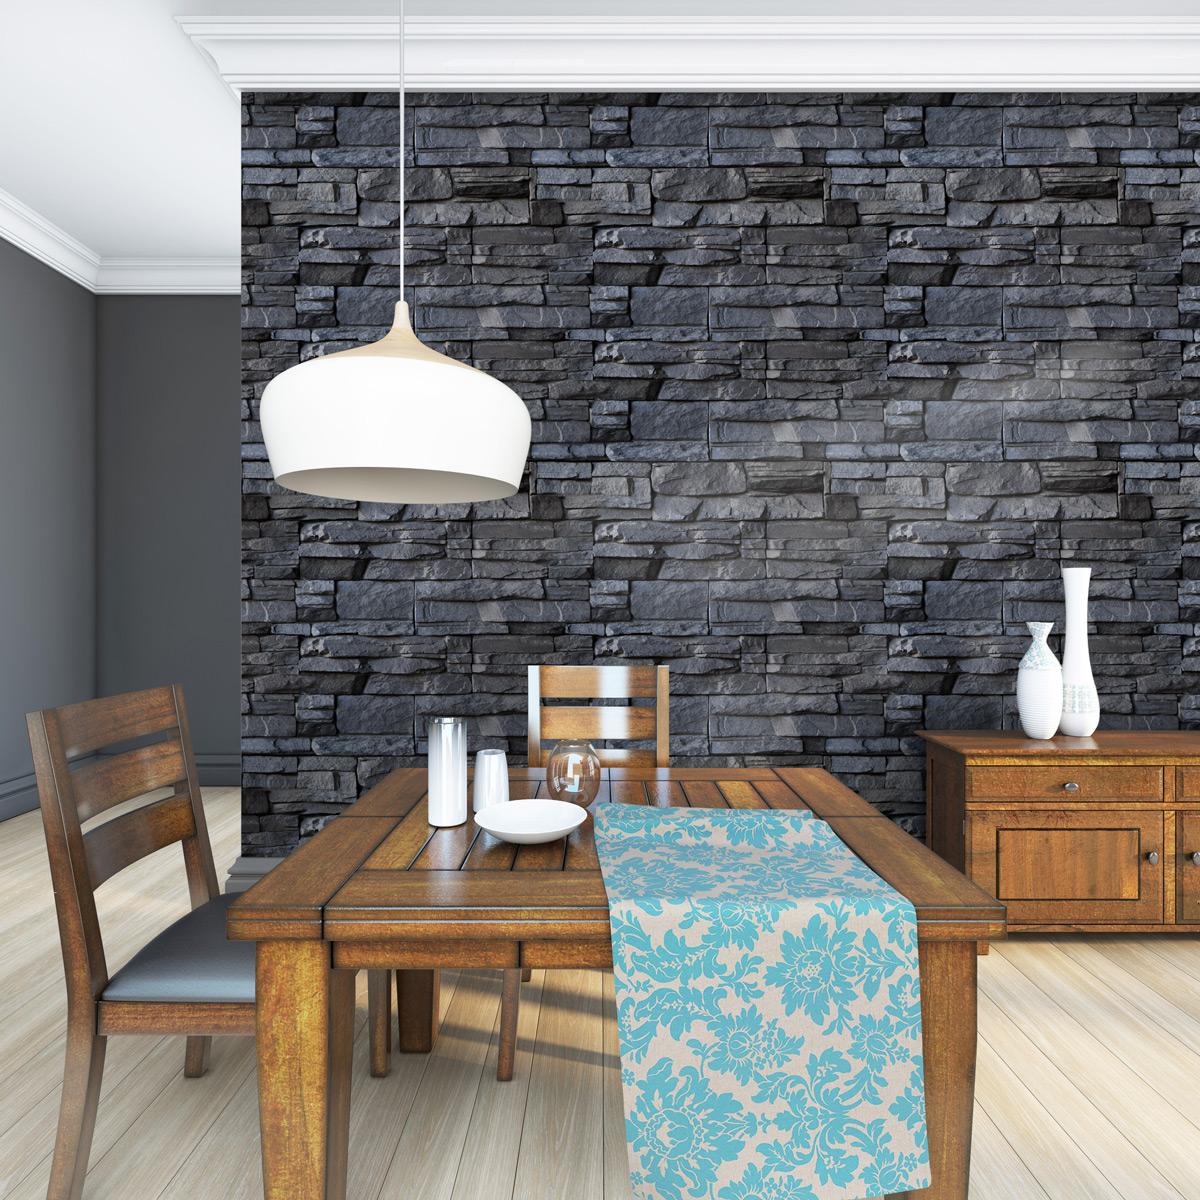 Mur Parement Interieur Ardoise stickers parement de pierres volcaniques